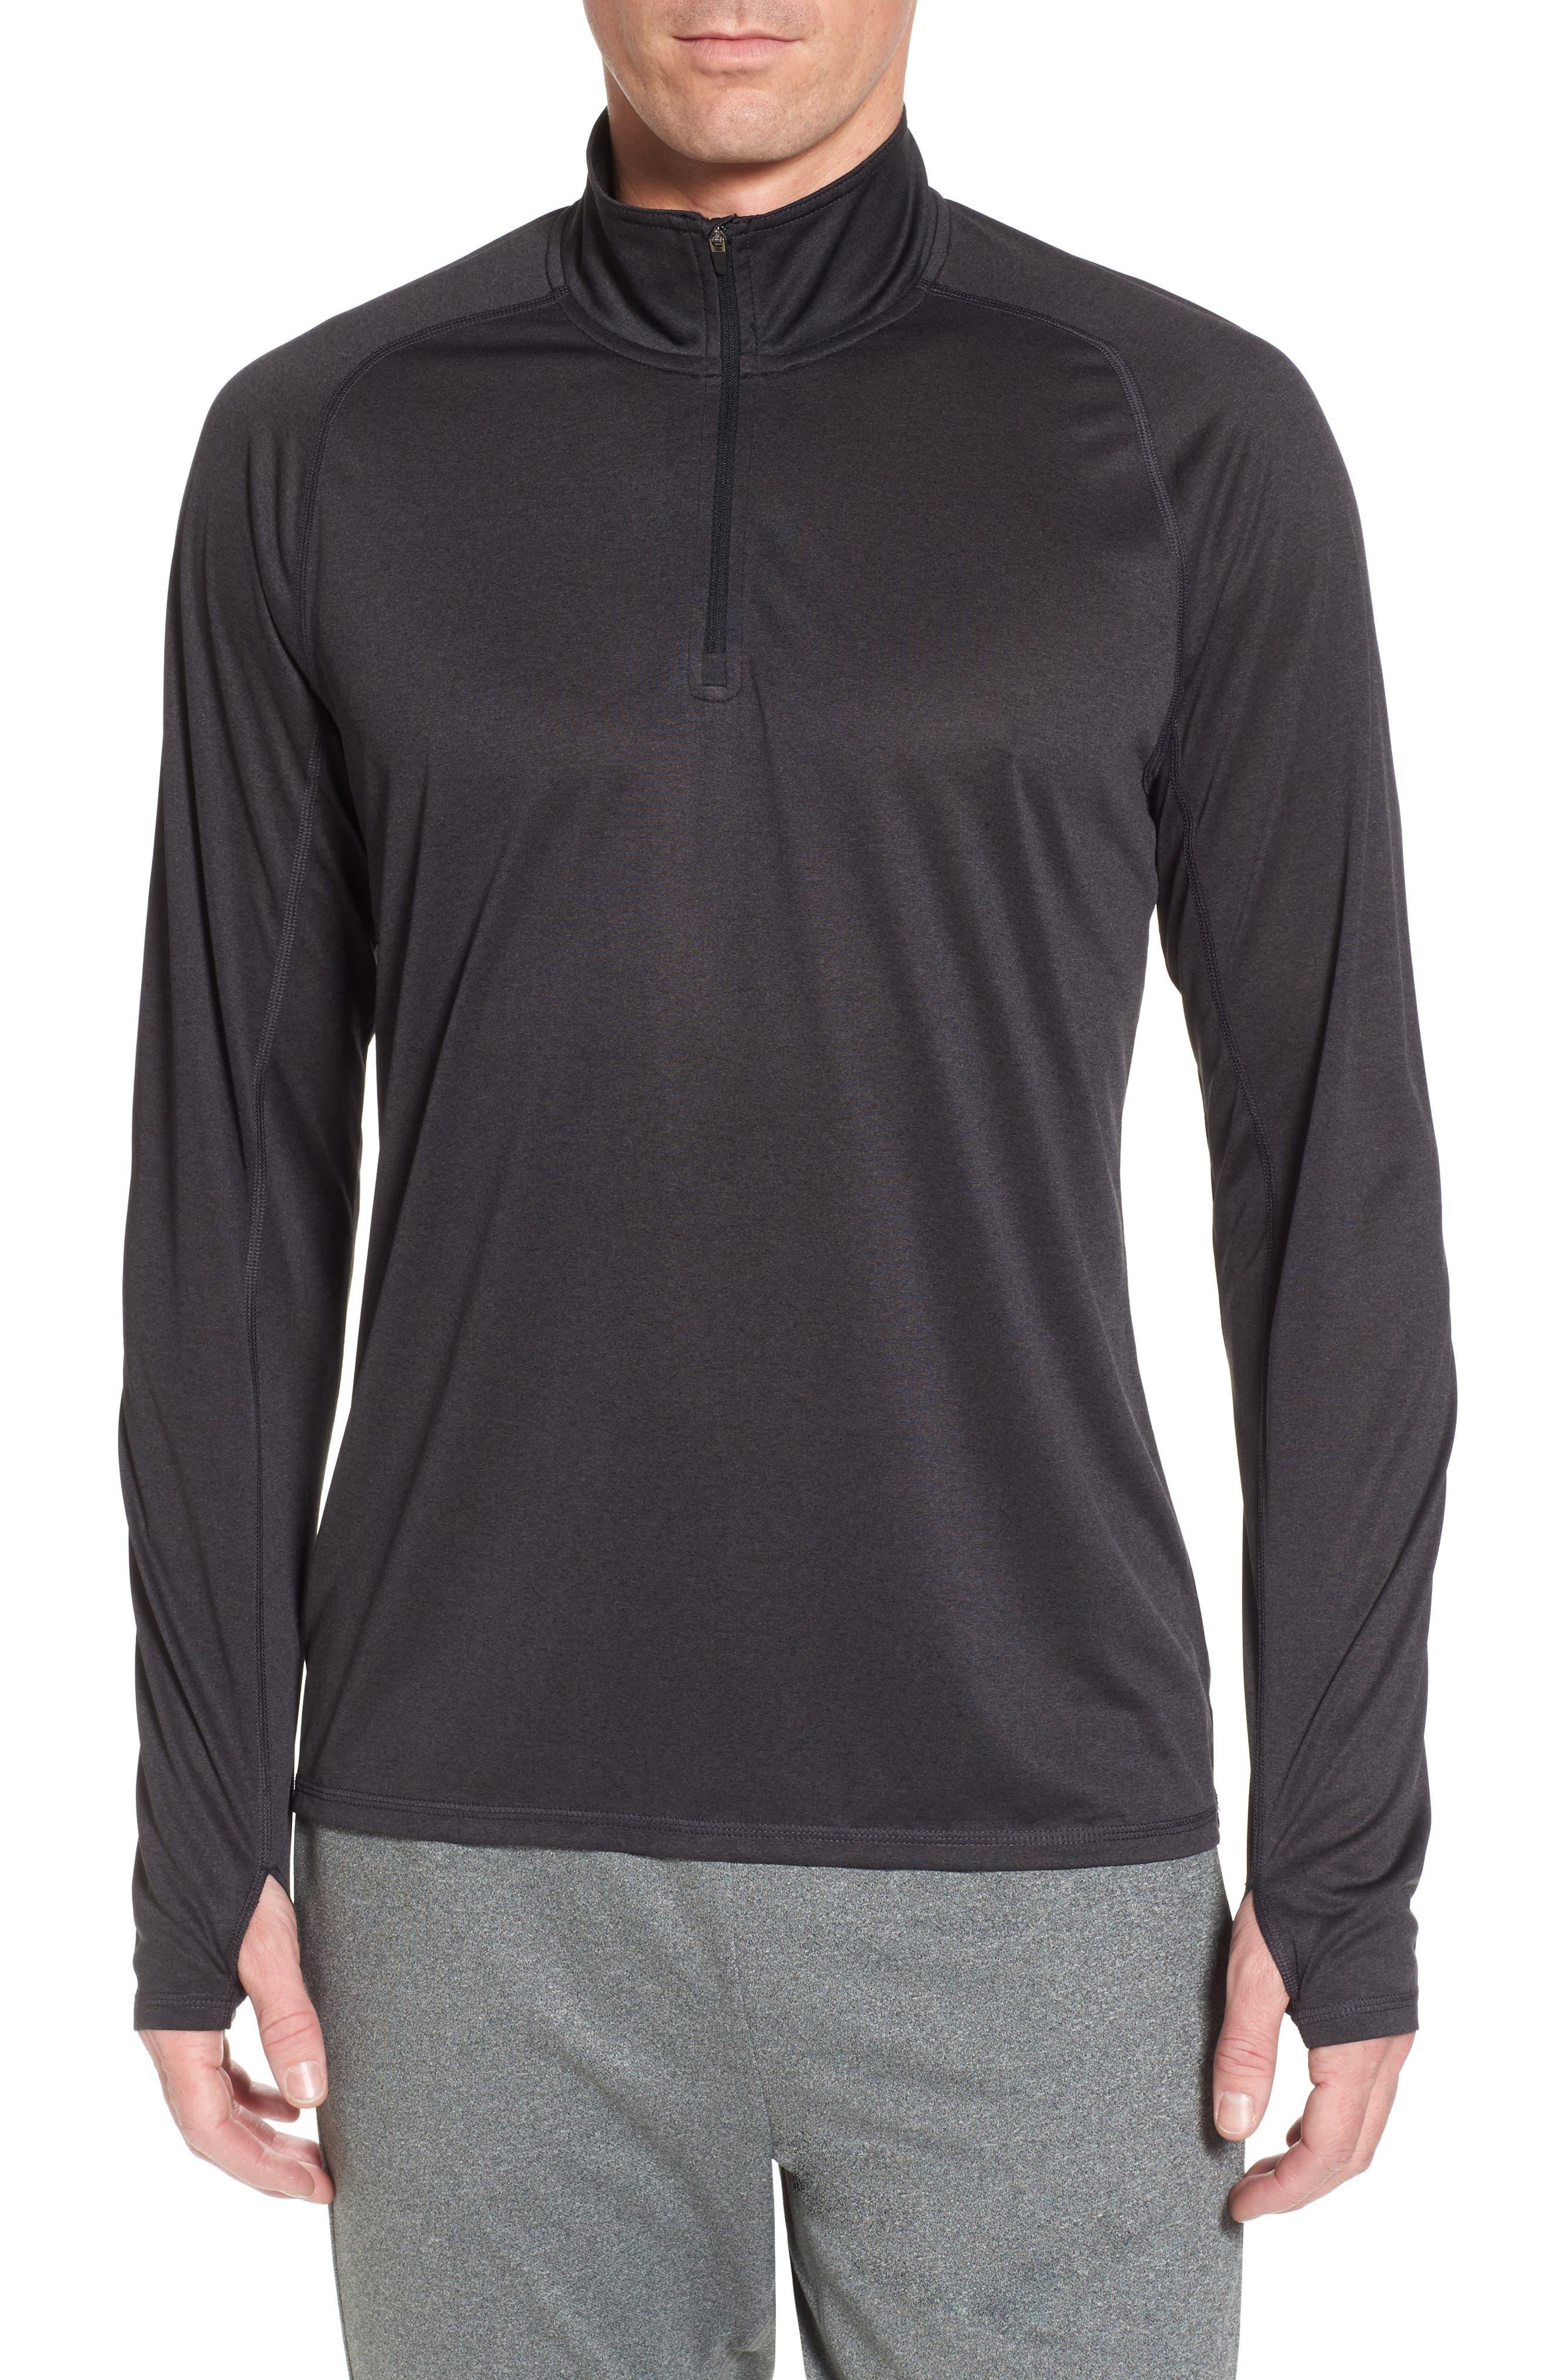 Jordanite Quarter Zip Pullover,                             Main thumbnail 1, color,                             001